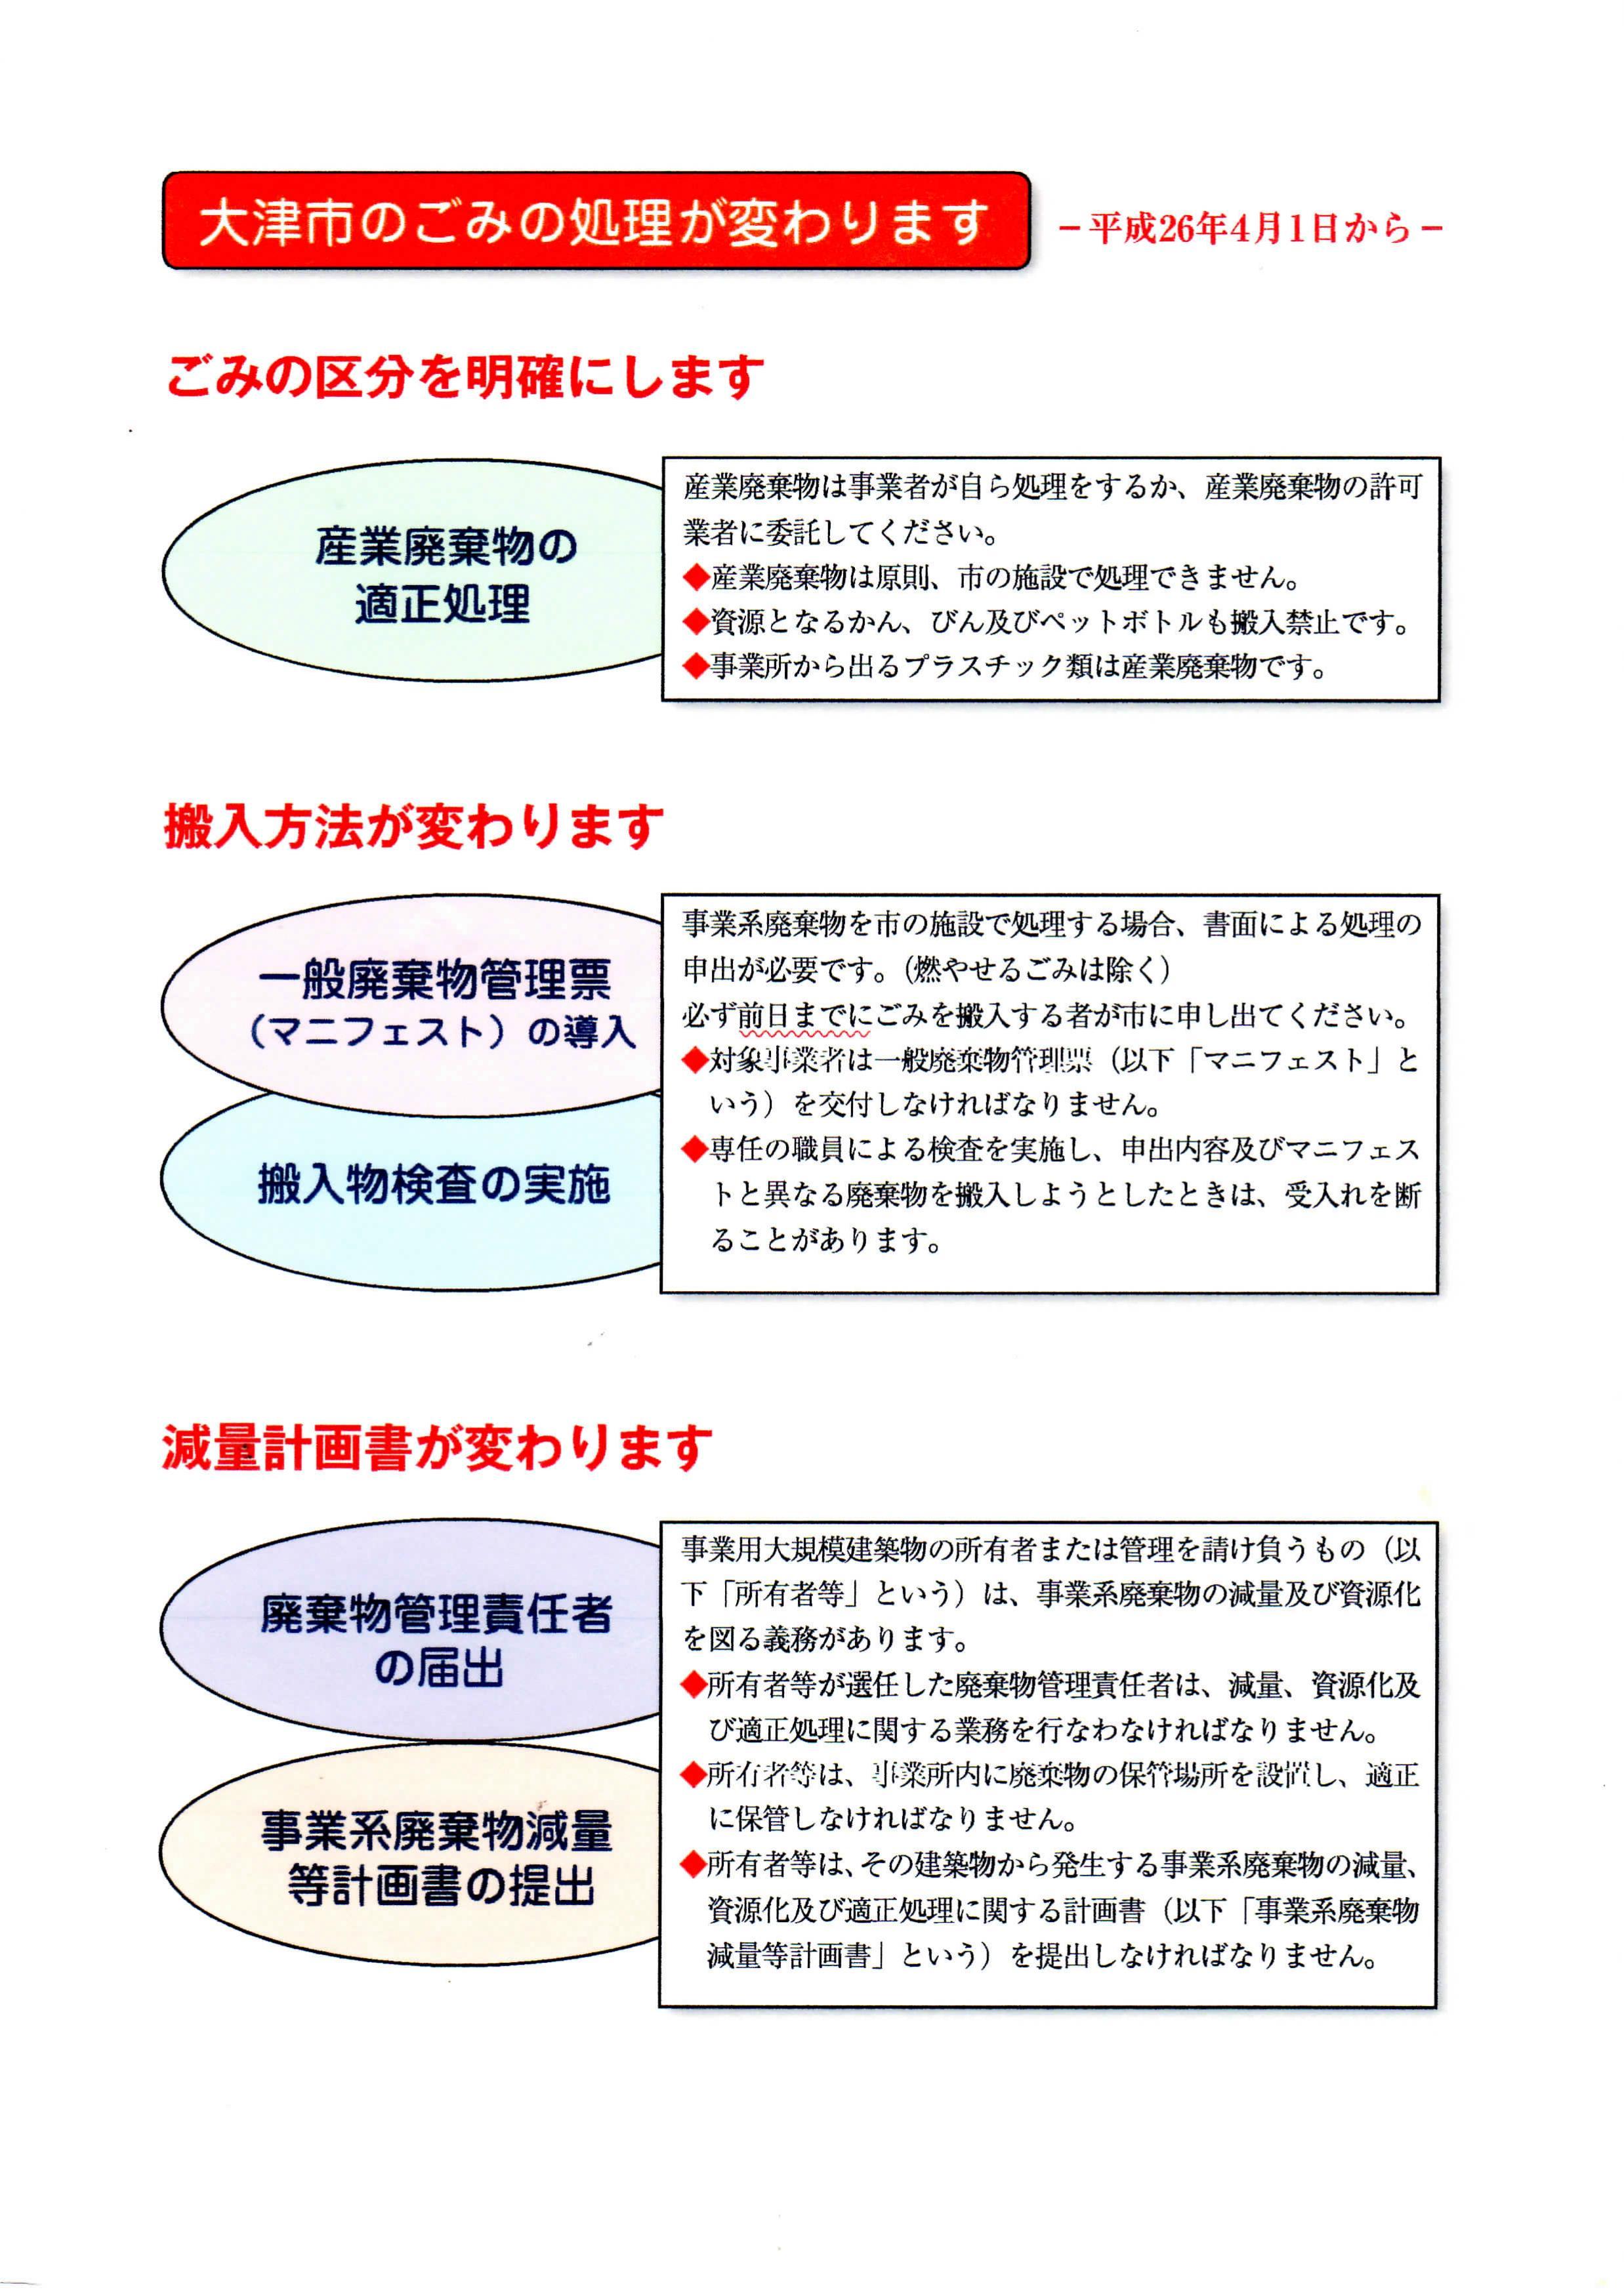 平成26年4月~大津市ごみ処理法が変わります_01